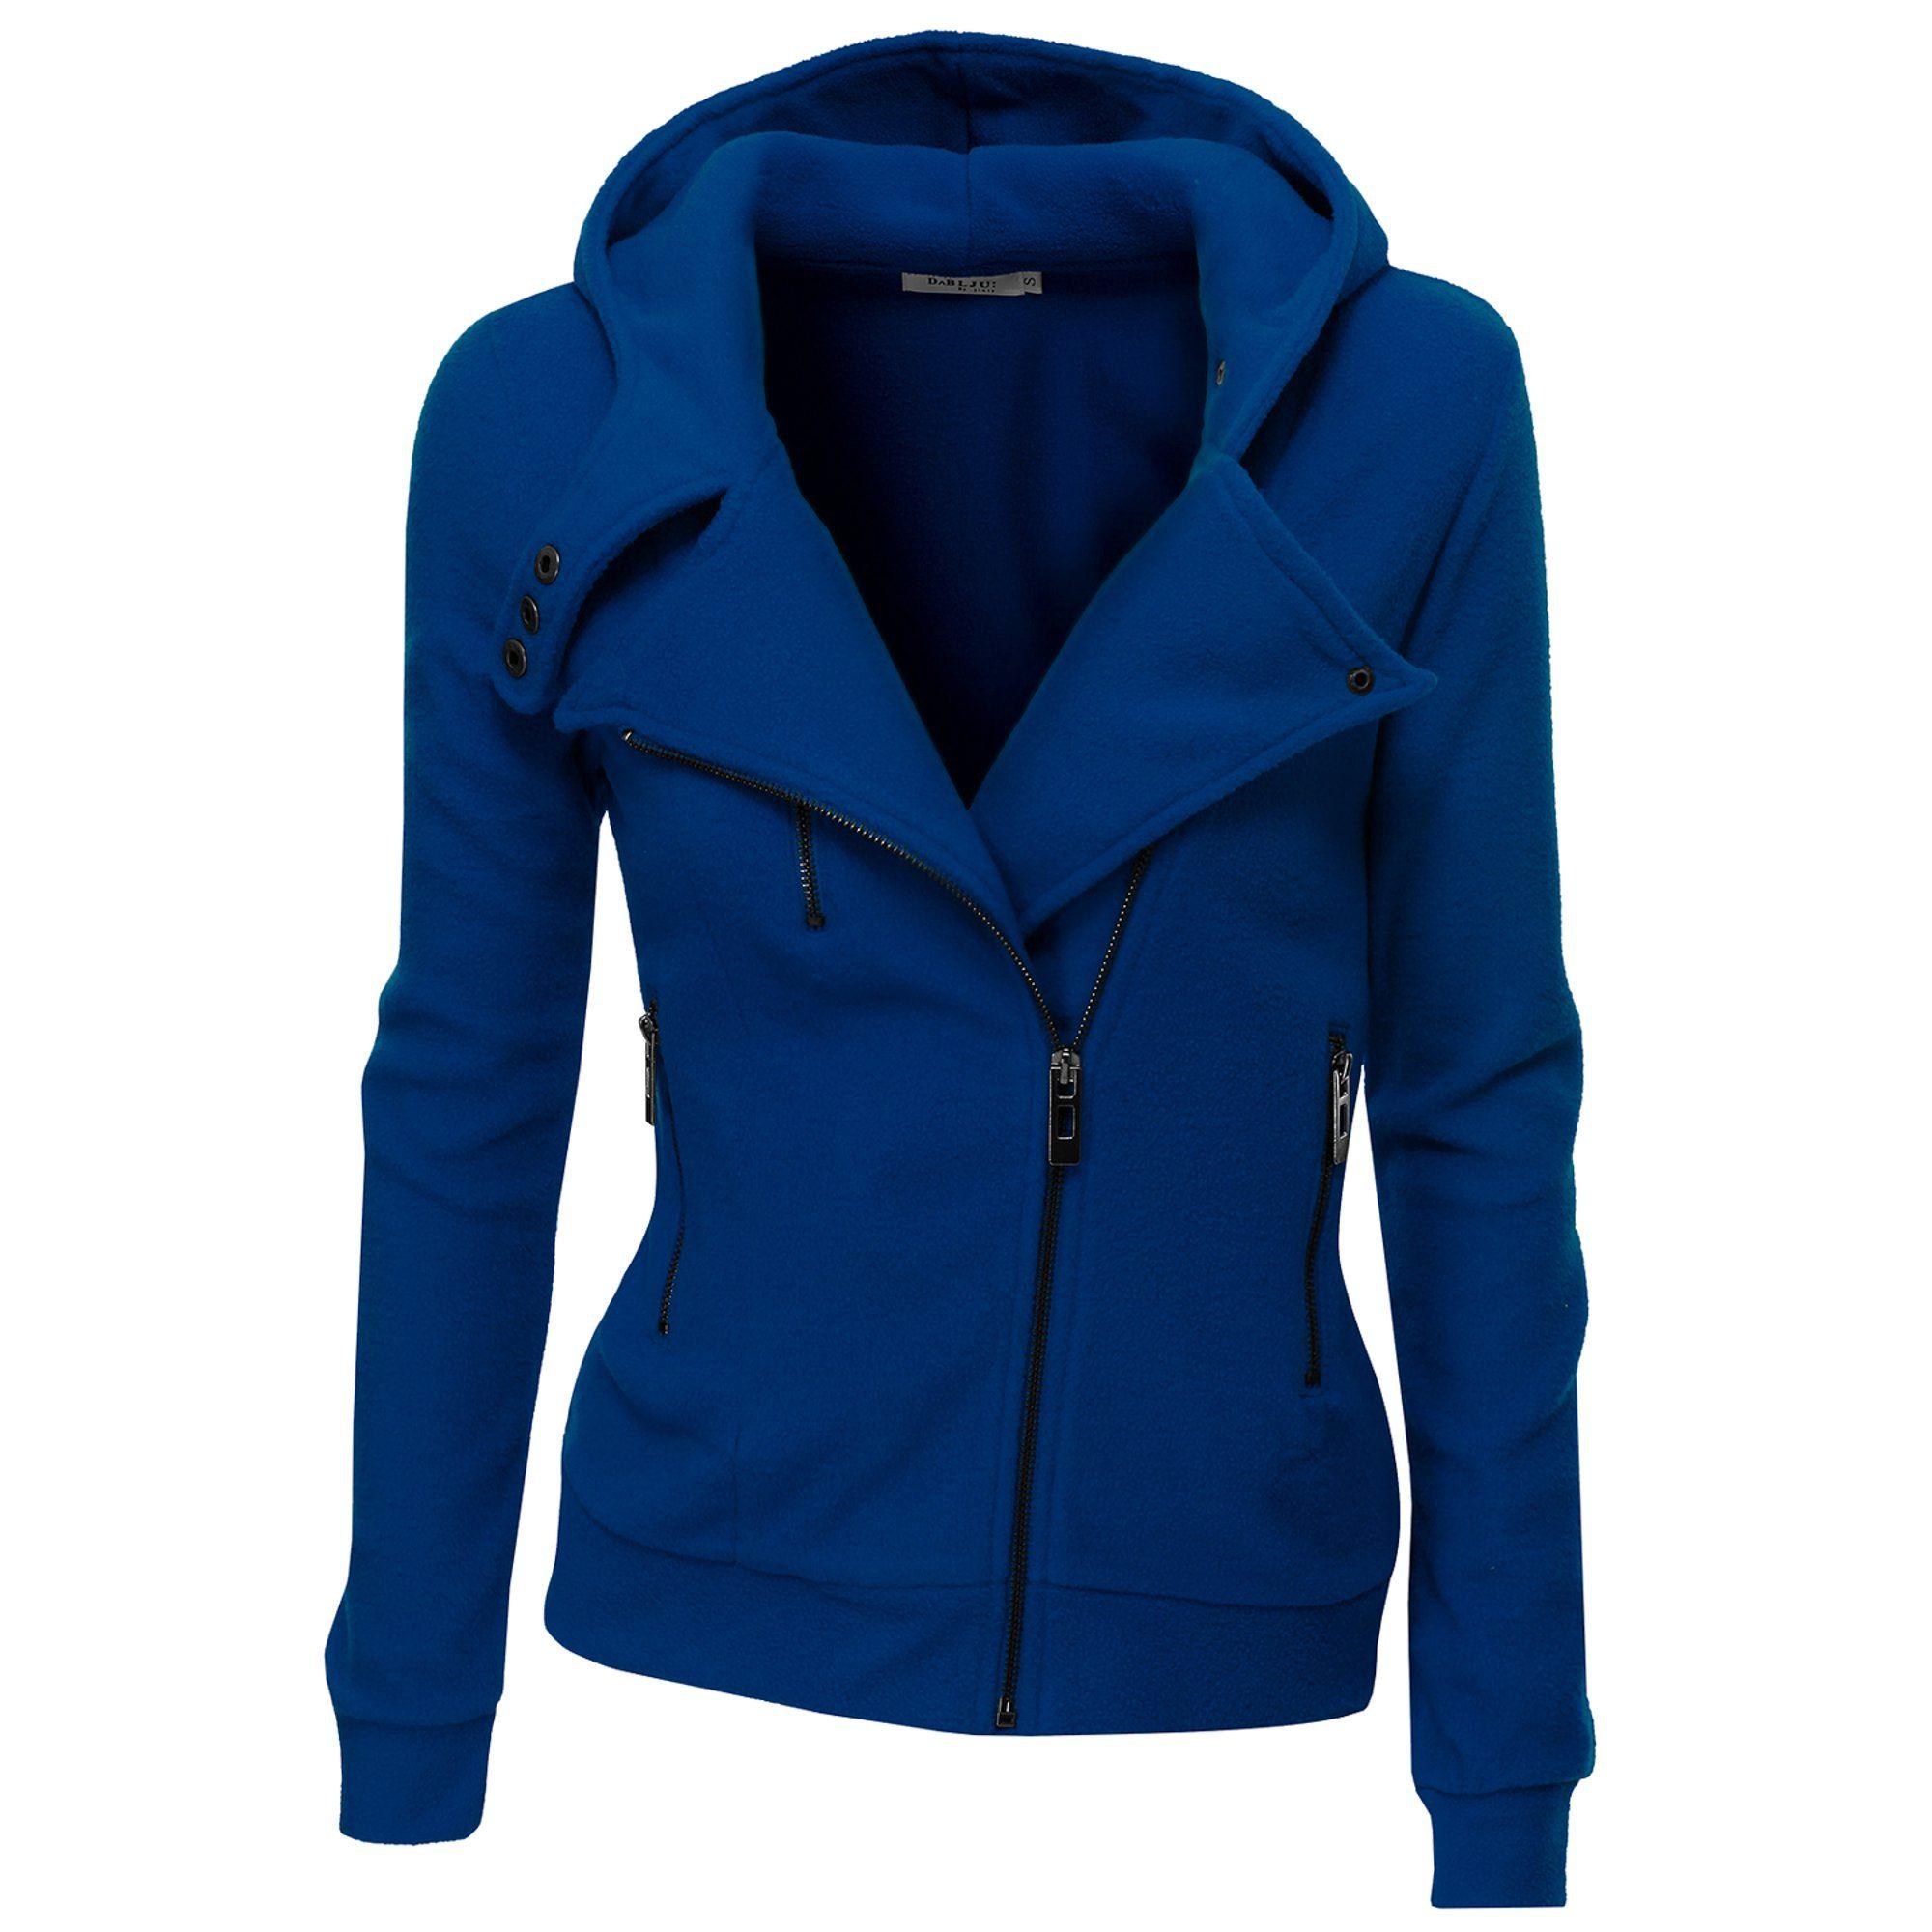 Doublju Doublju Women S Women S Fleece Casual Zip Up High Neck Hoodie Jacket Walmart Com In 2021 Hoodie Jacket Fleece Moto Jacket Womens Moto Jacket [ 2000 x 2000 Pixel ]